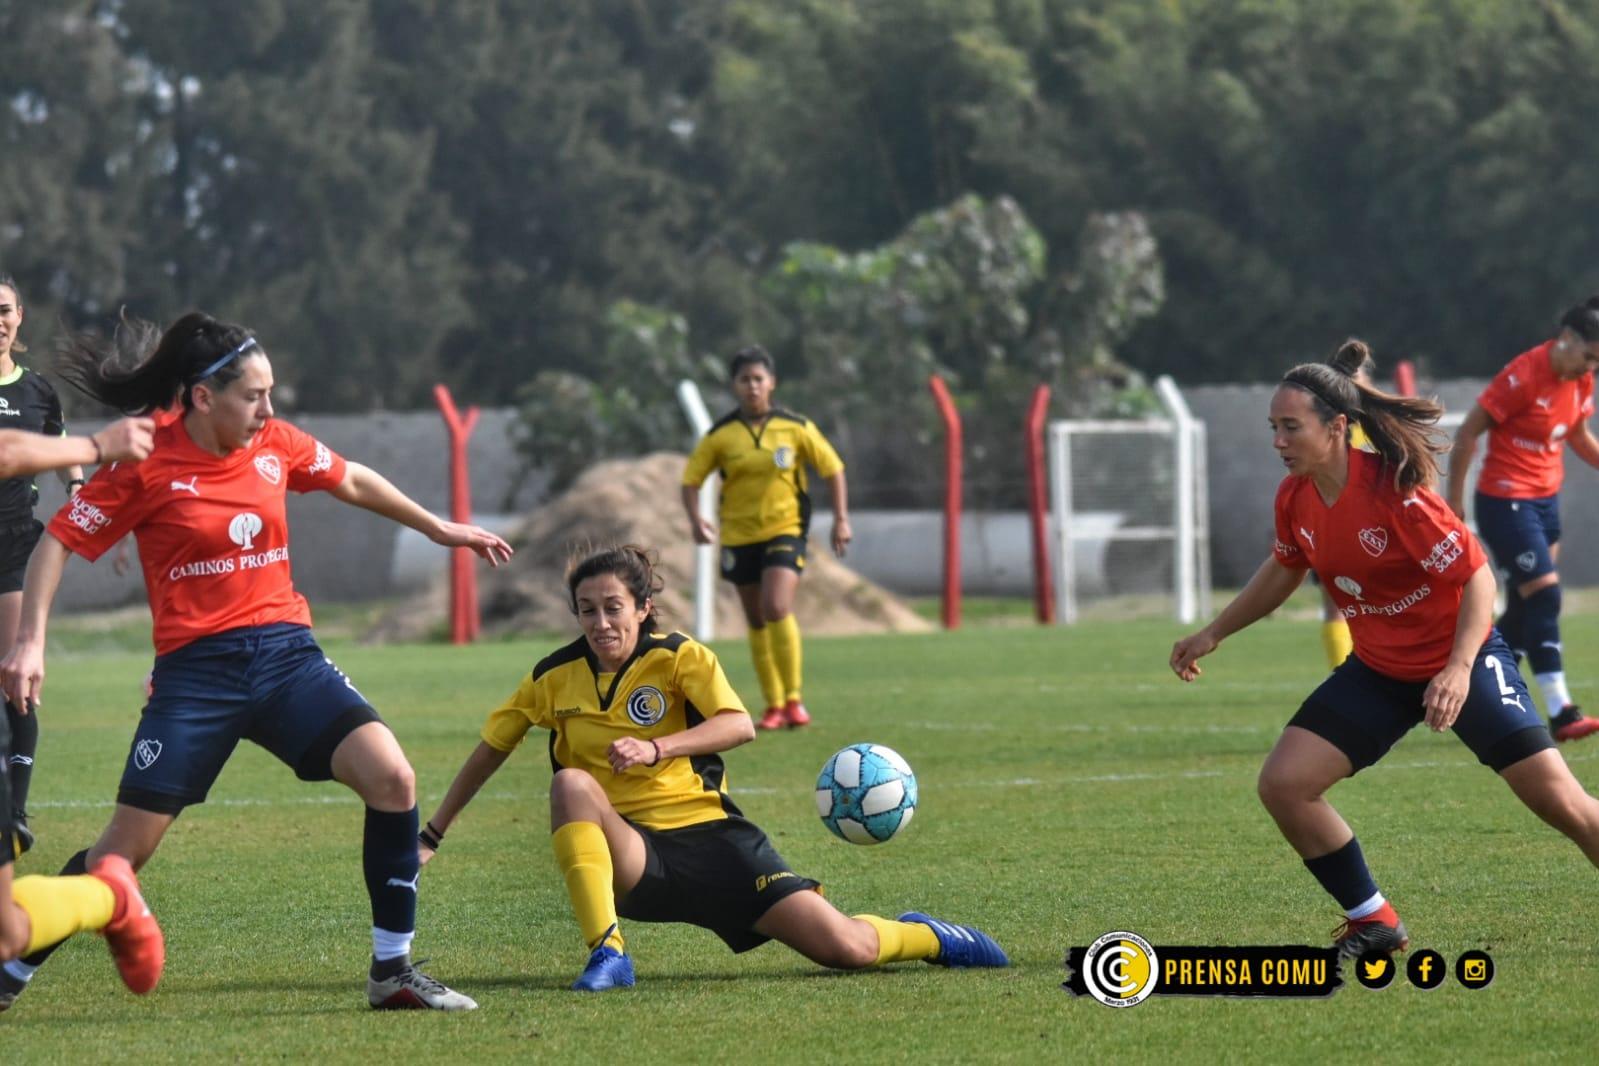 Arranque con Goleada de Independiente